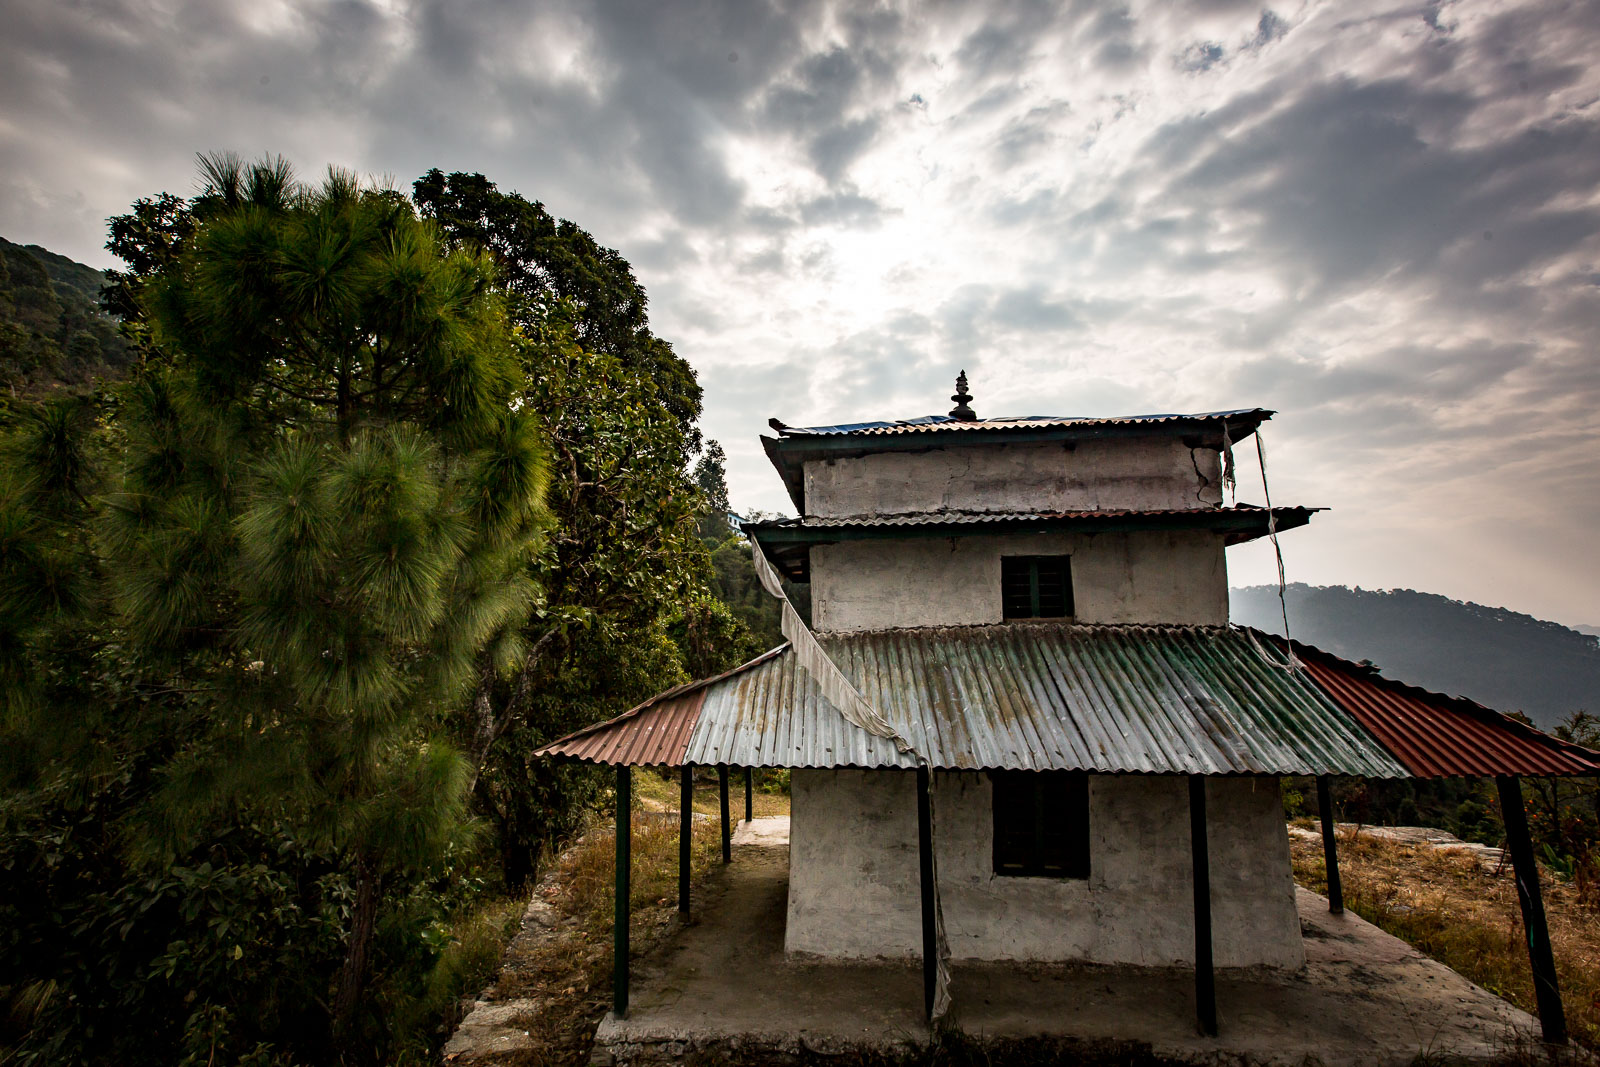 Hindu temple in Baseri